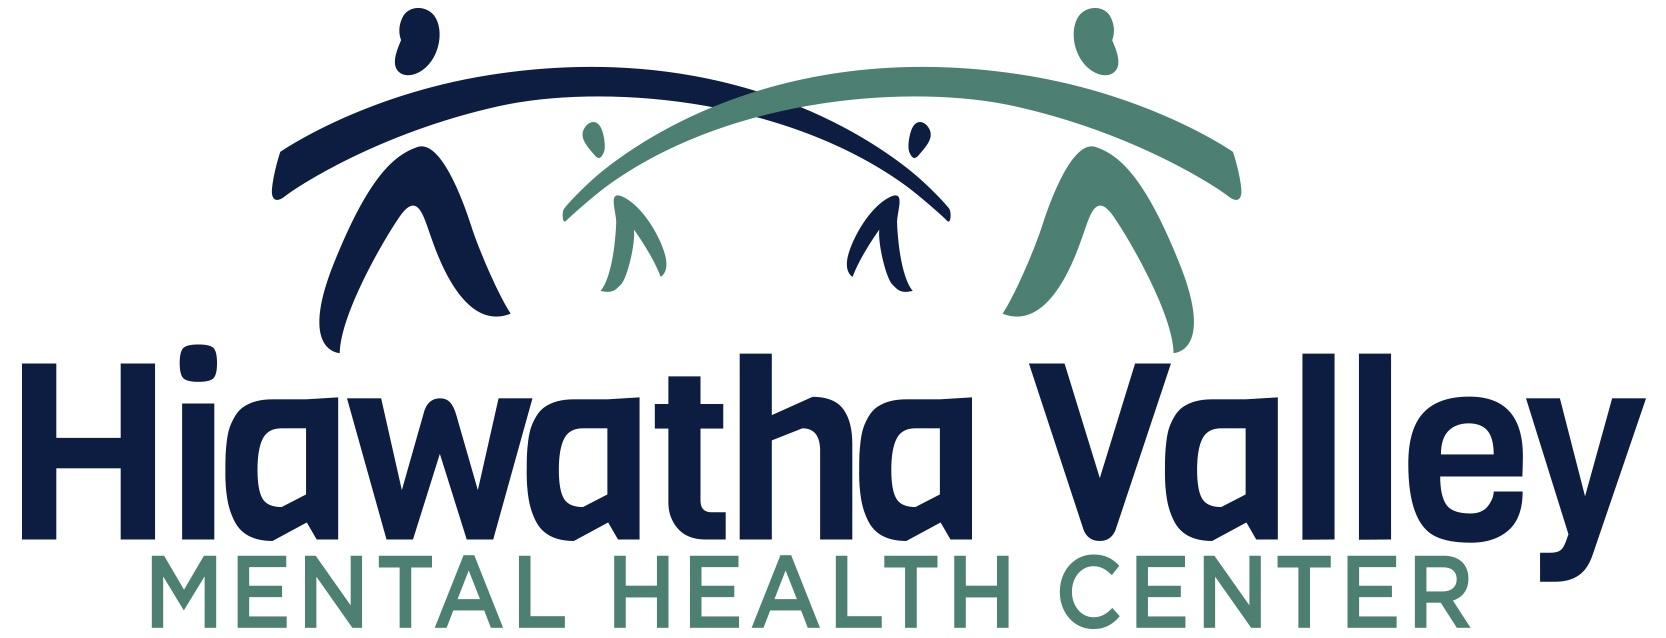 HVMHC logo color.jpg